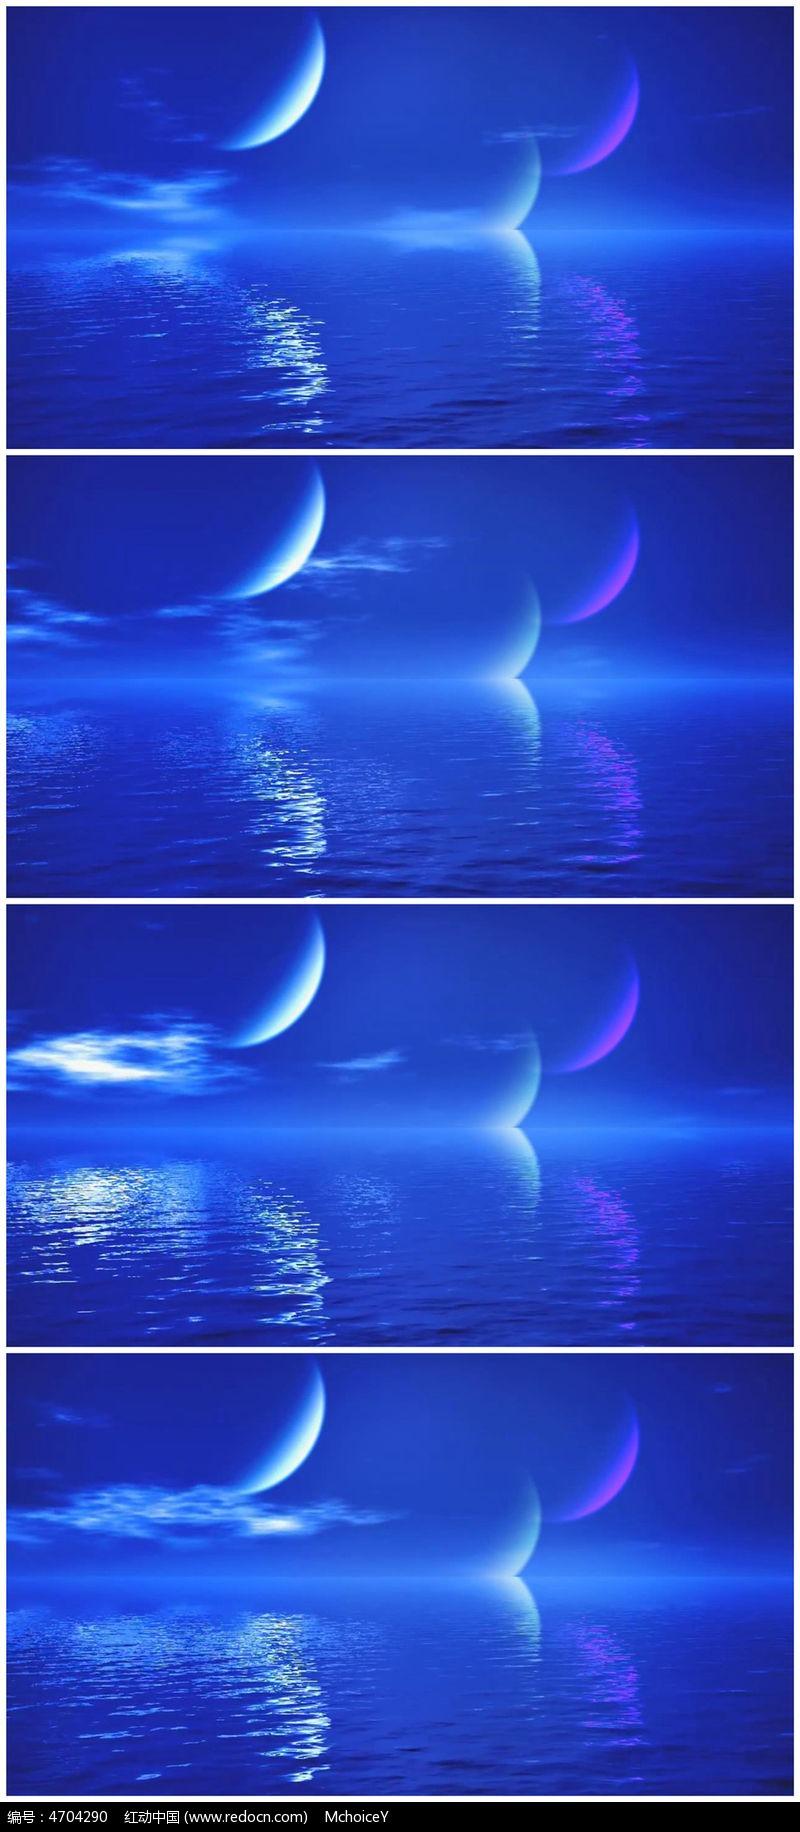 蓝色月亮湖面倒影视频素材